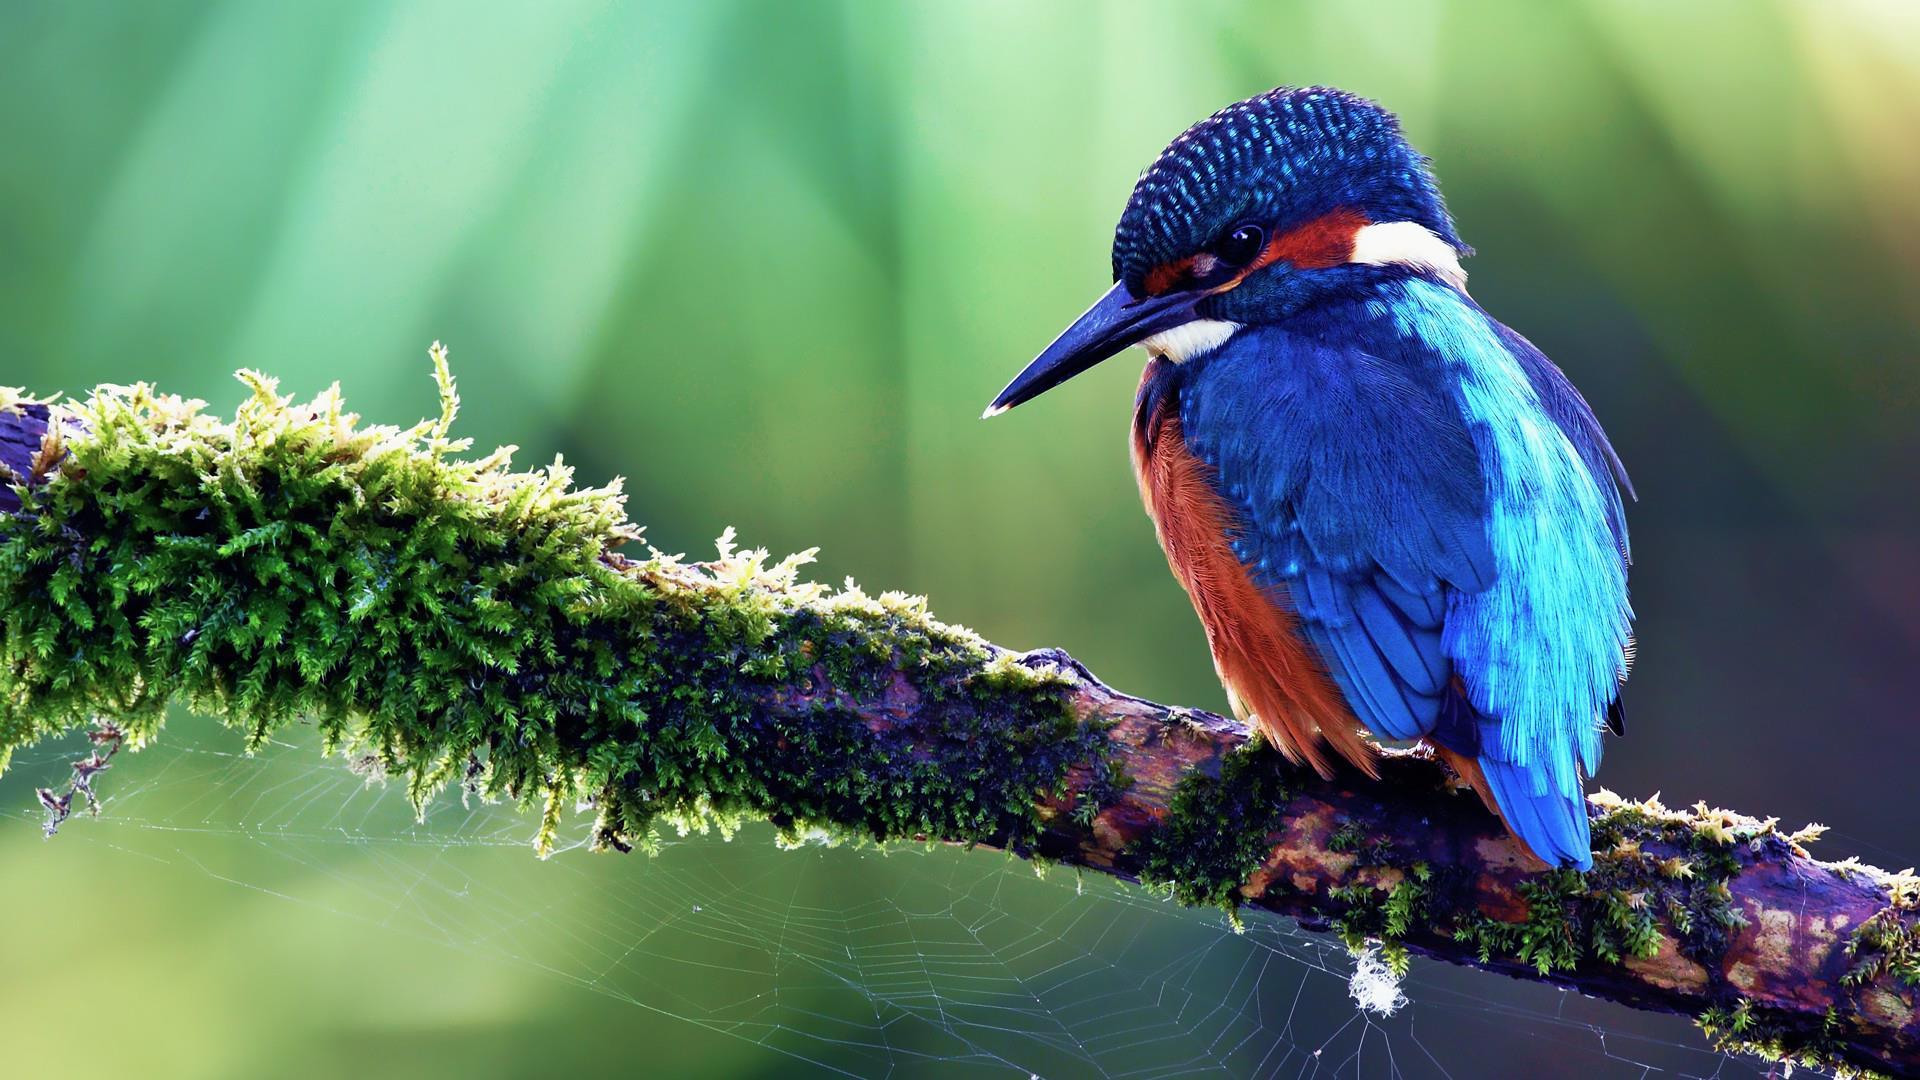 oiseaux-du-monde-en-images-et-fonds-ecran_07